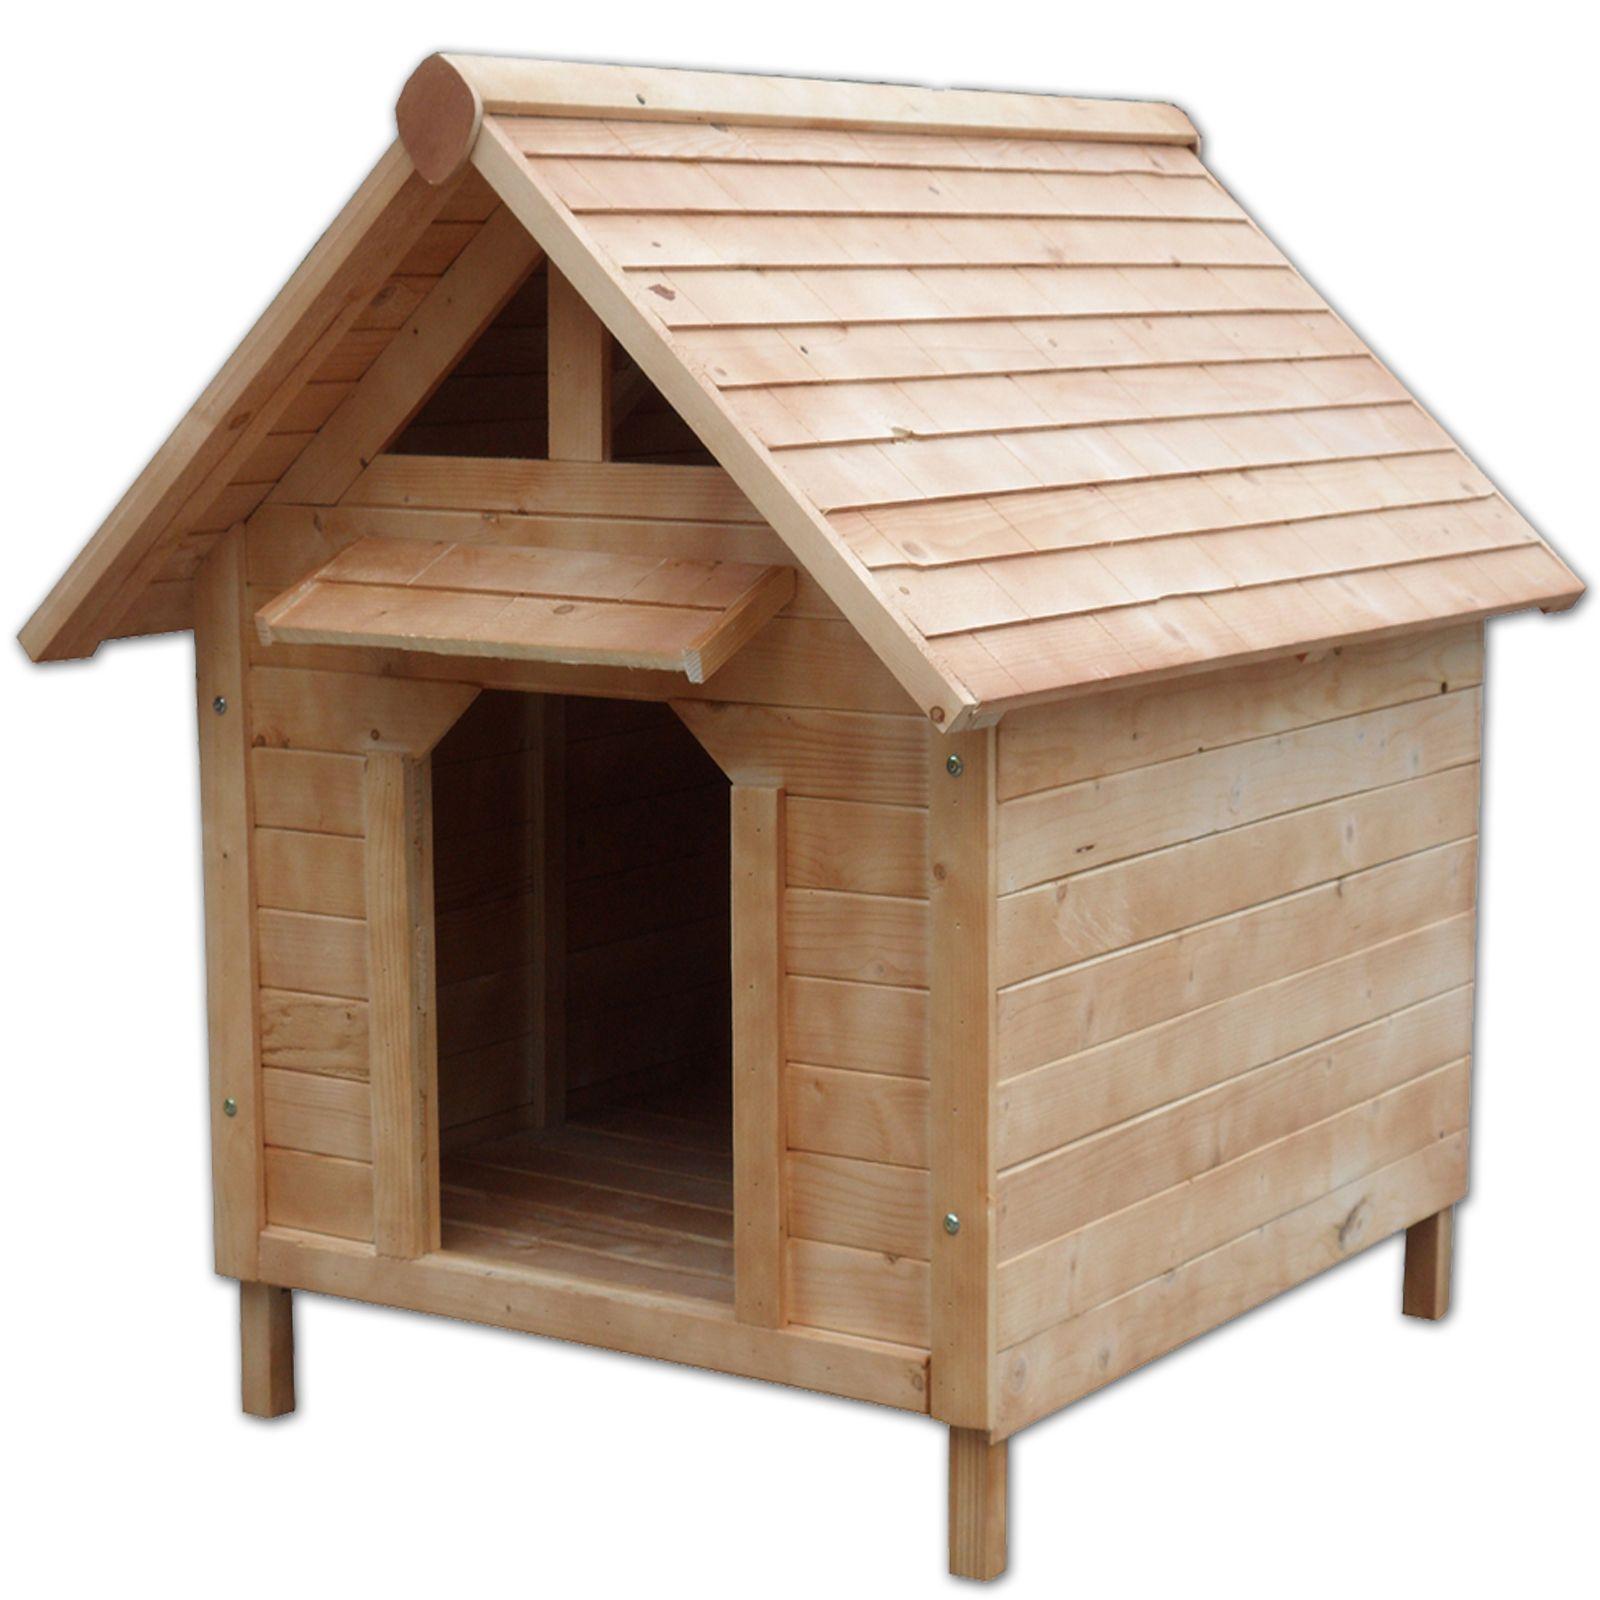 Hundehütte wetterfestes Hundehaus mit Vordach für Hunde (103 x 83 x 97 cm)